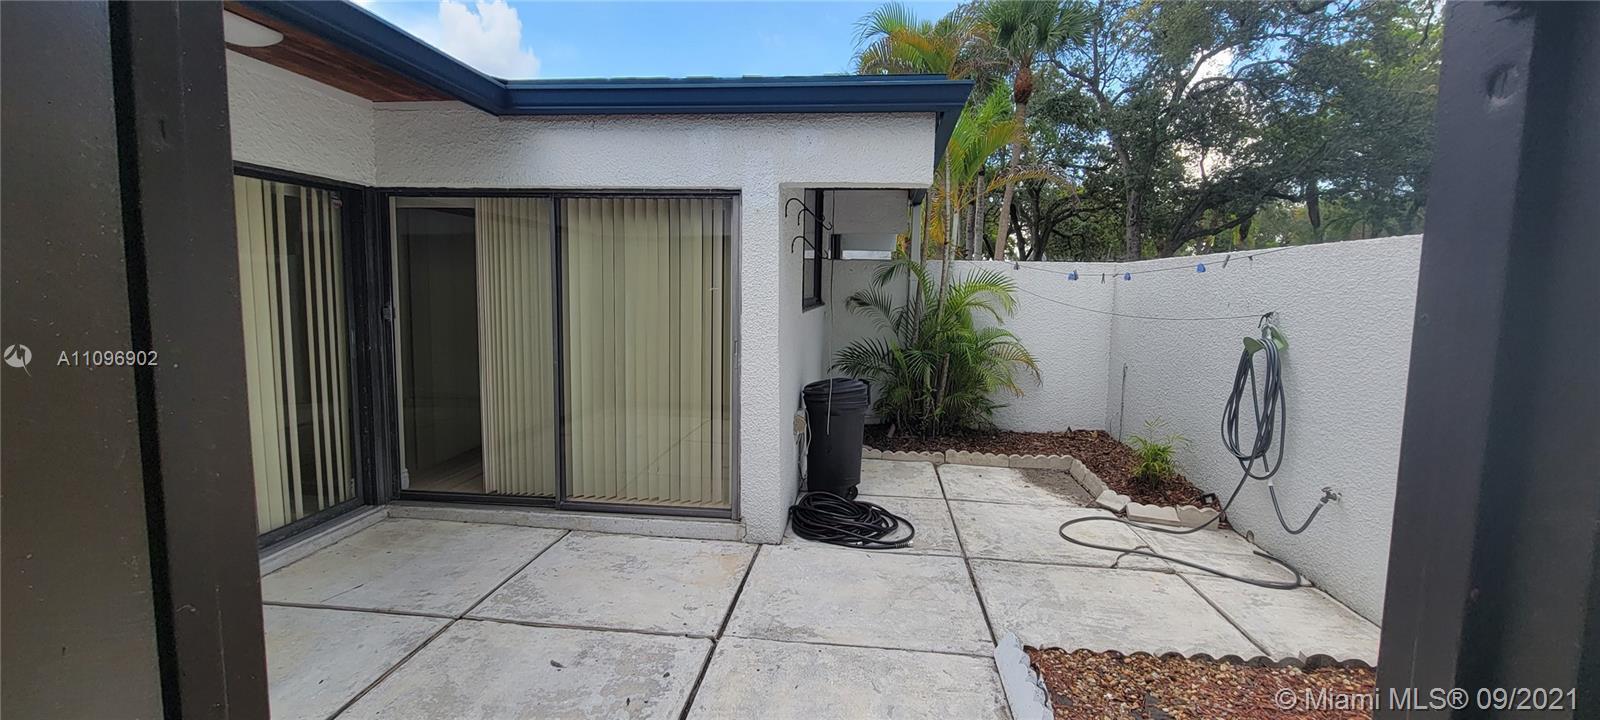 Miami Lakes Windmill Gate Condo,For Rent,Miami Lakes Windmill Gate Brickell,realty,broker,condos near me